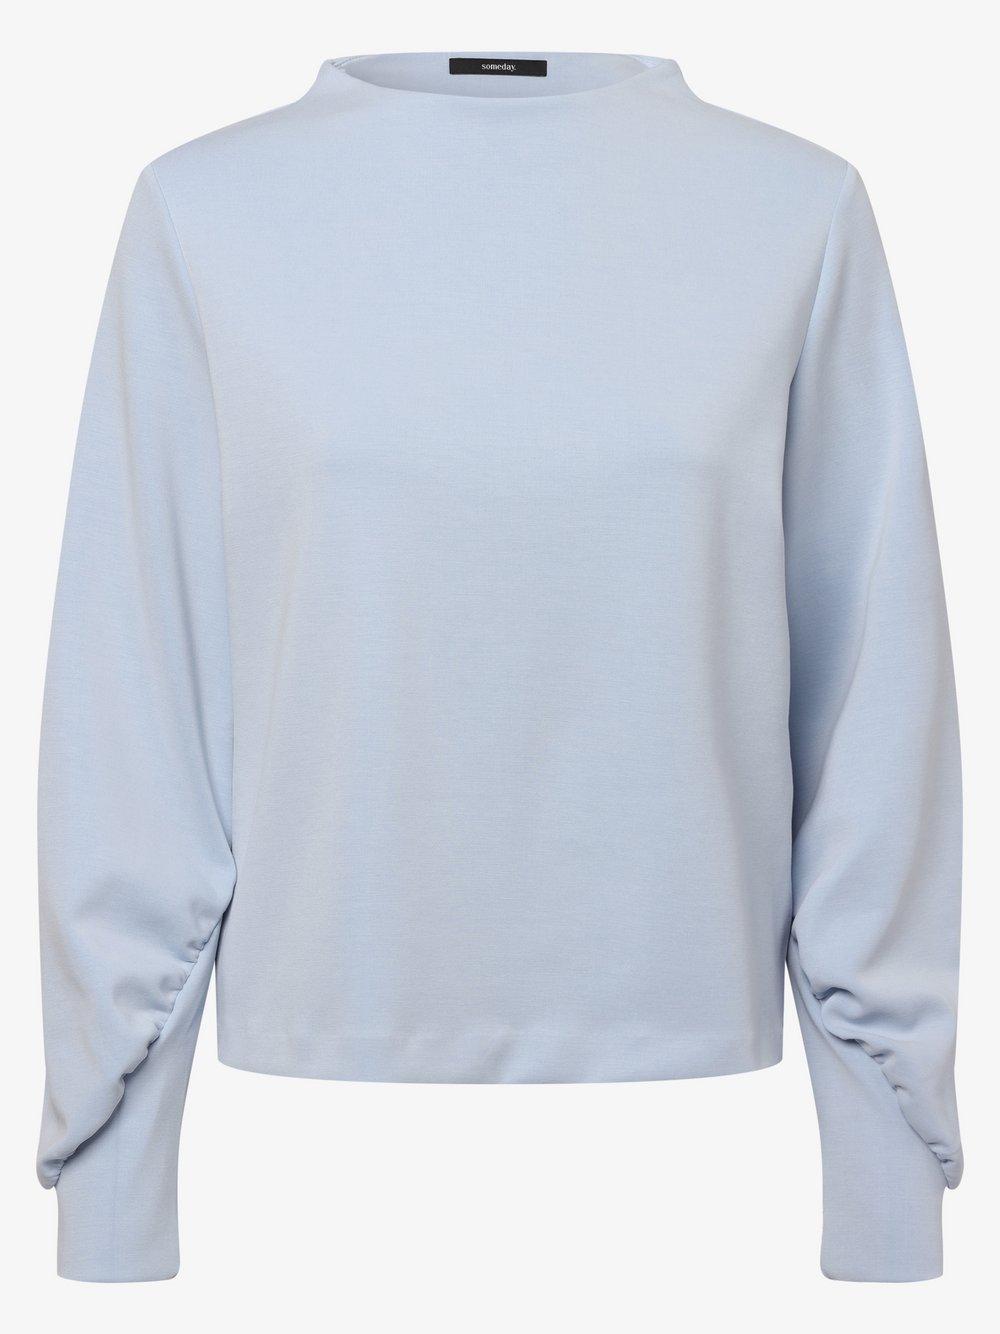 Someday - Damska bluza nierozpinana – Urmel Soft, niebieski